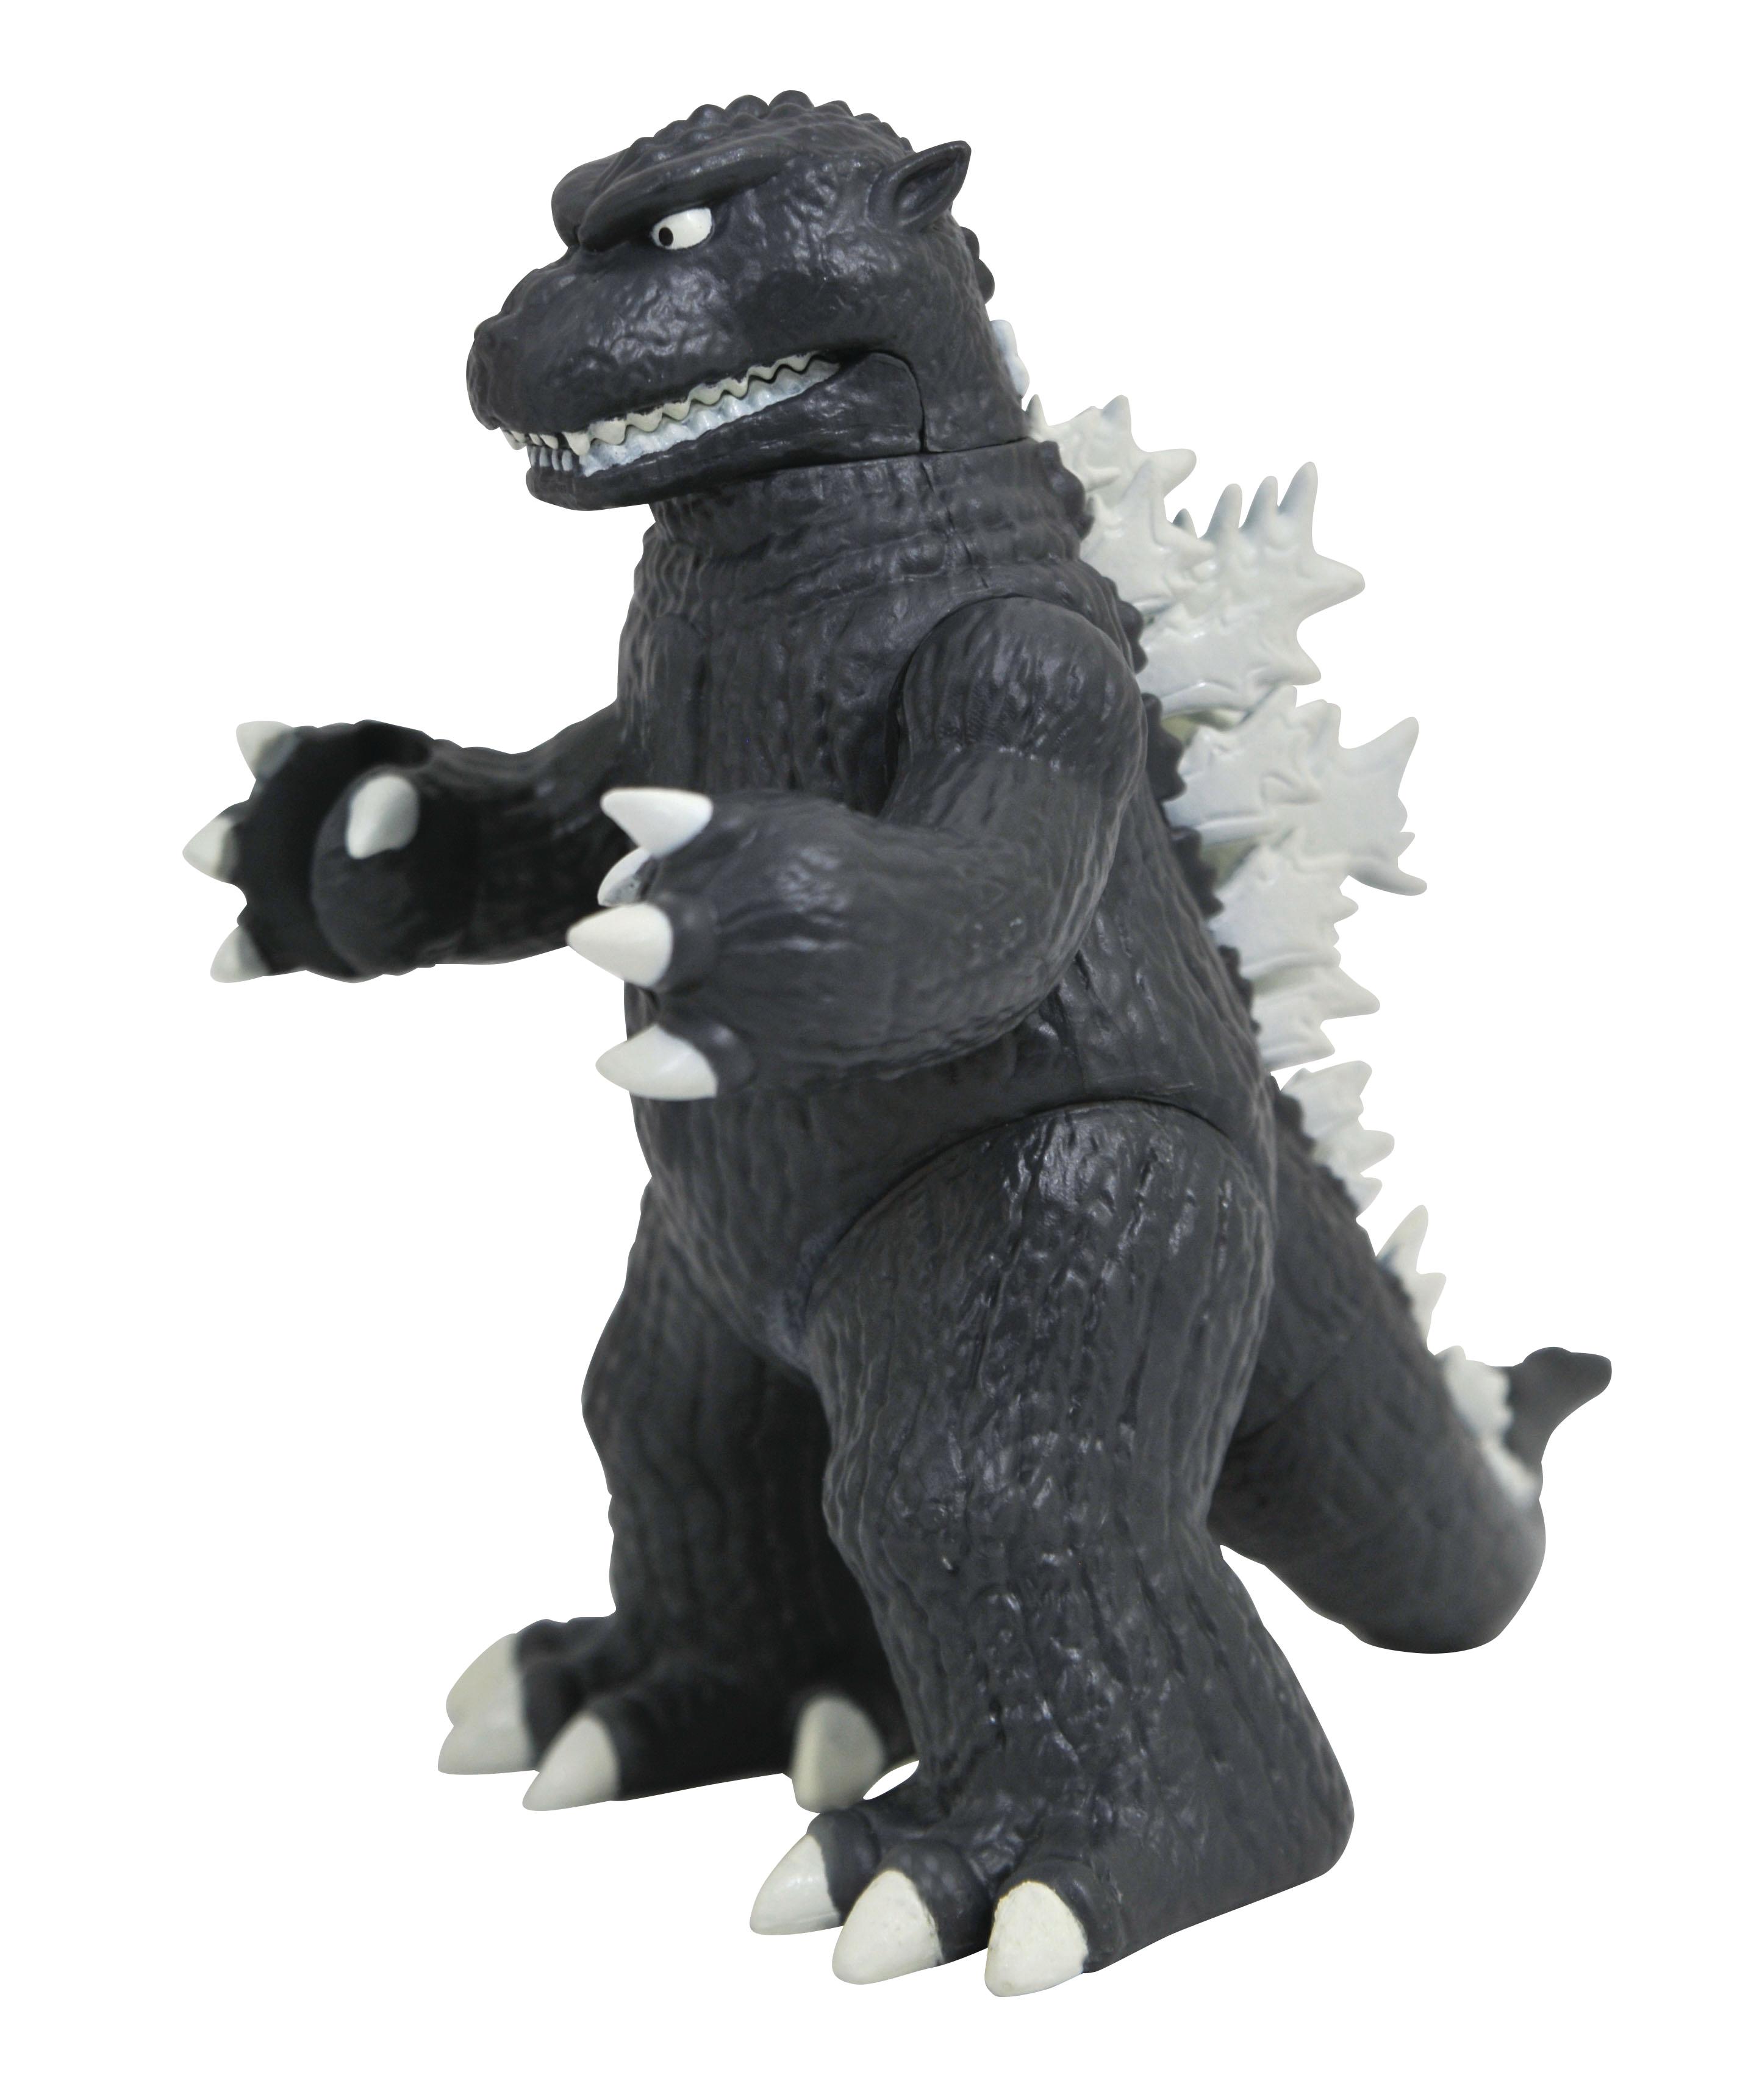 Godzilla-1954.jpg